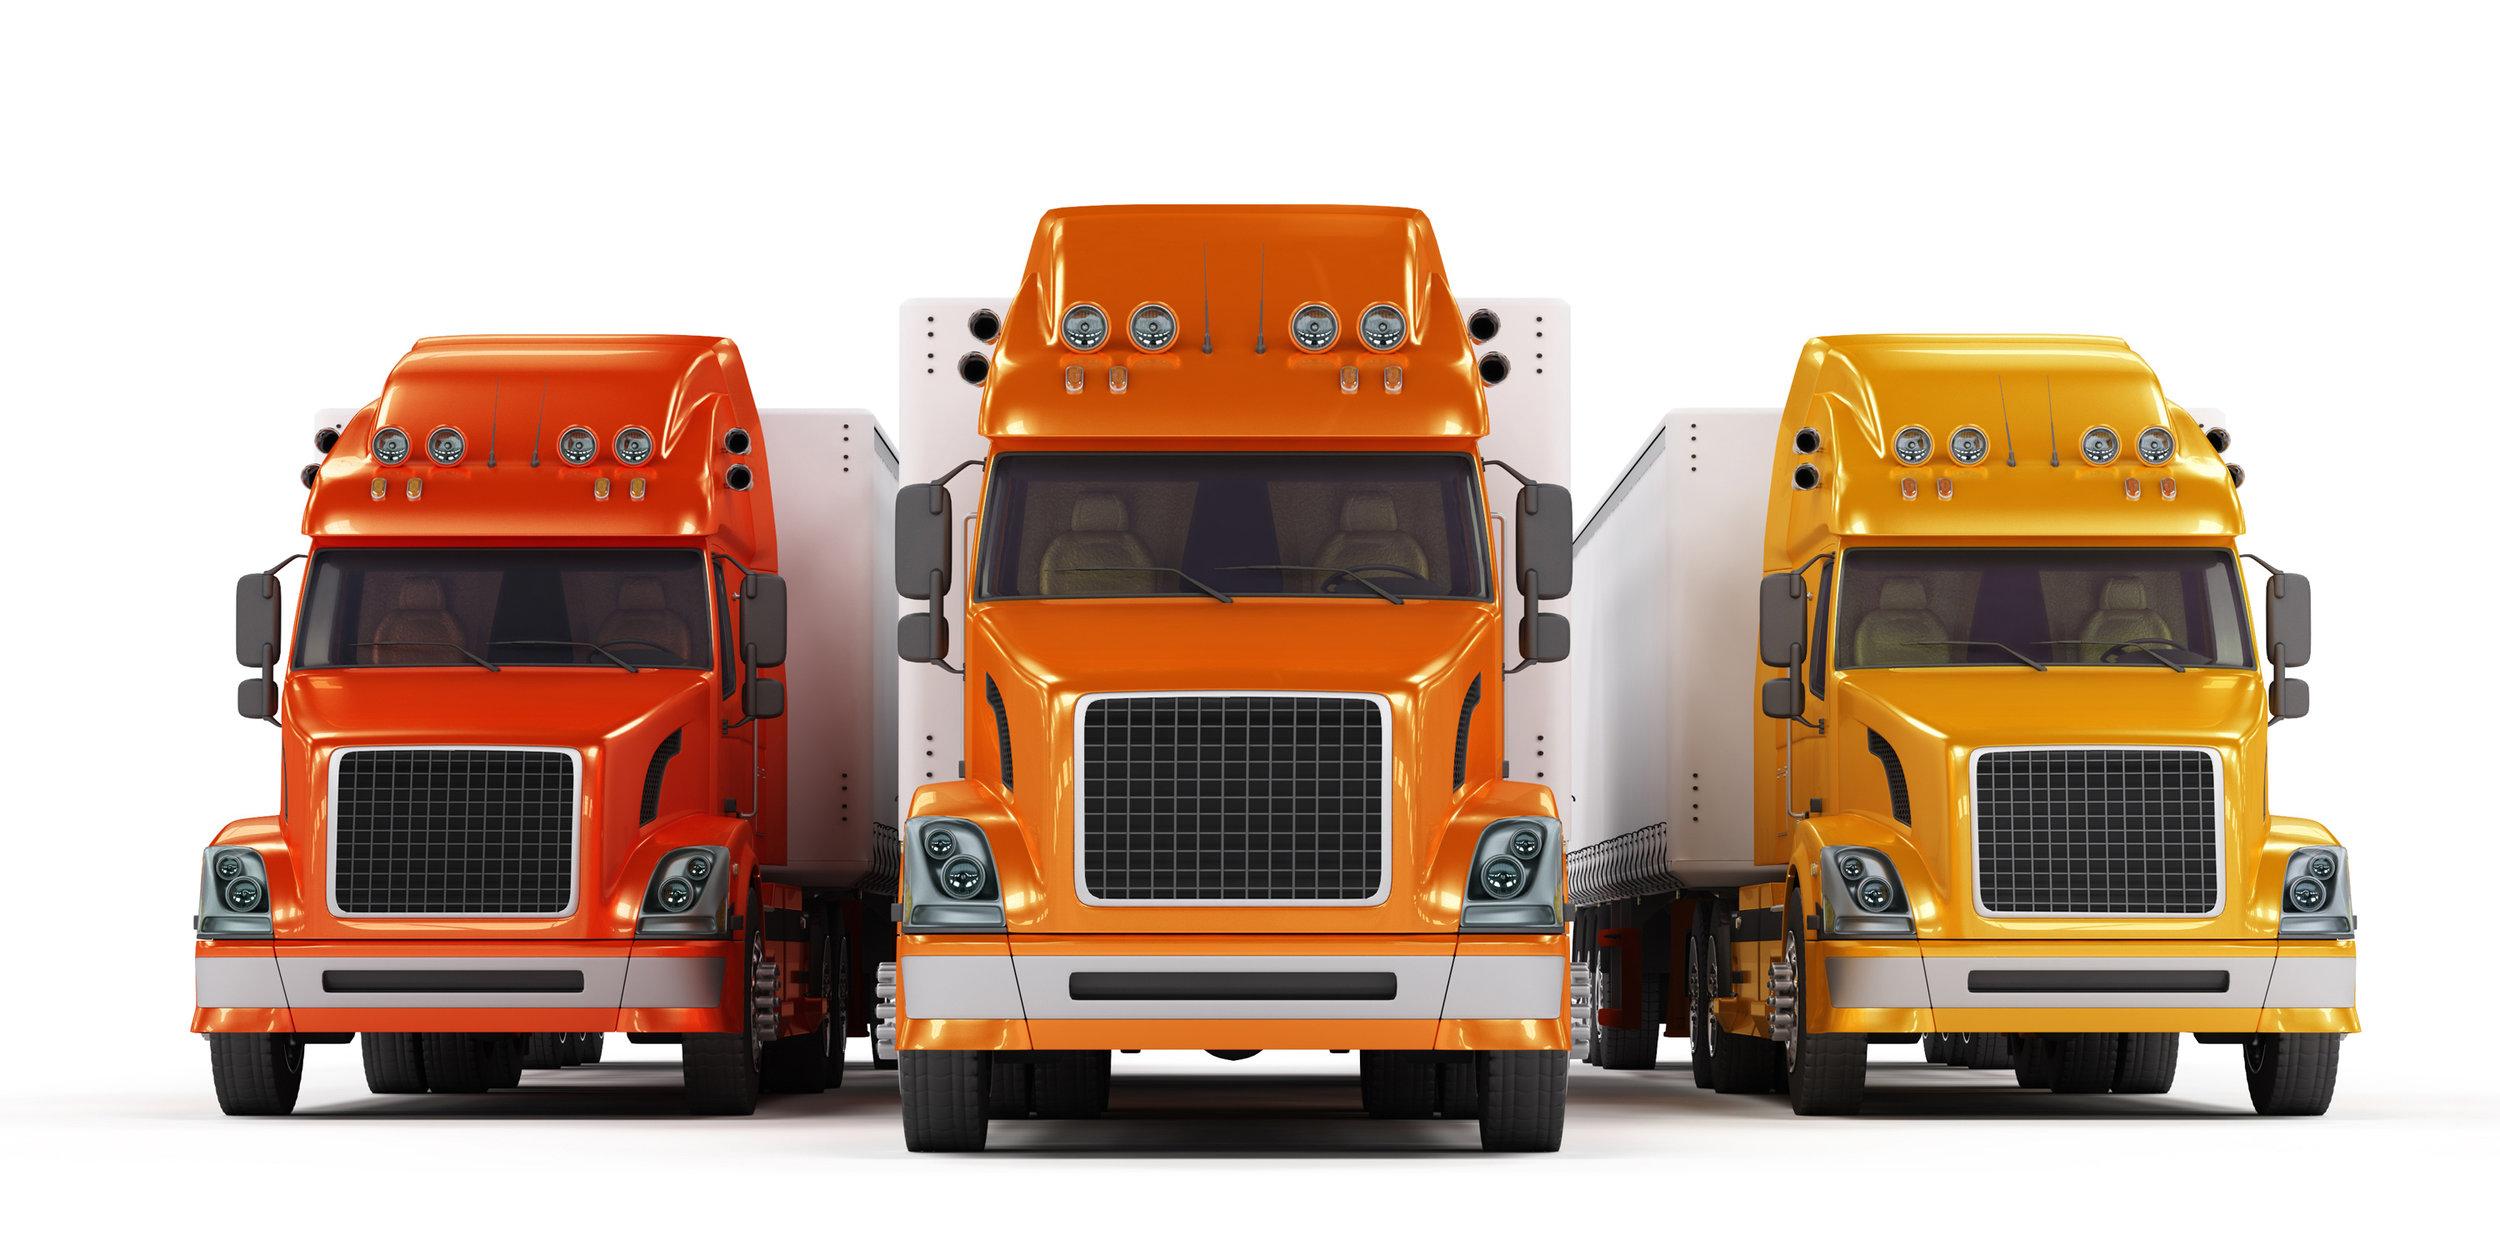 Apparel Logistics: Managing Truckload Transportation Costs